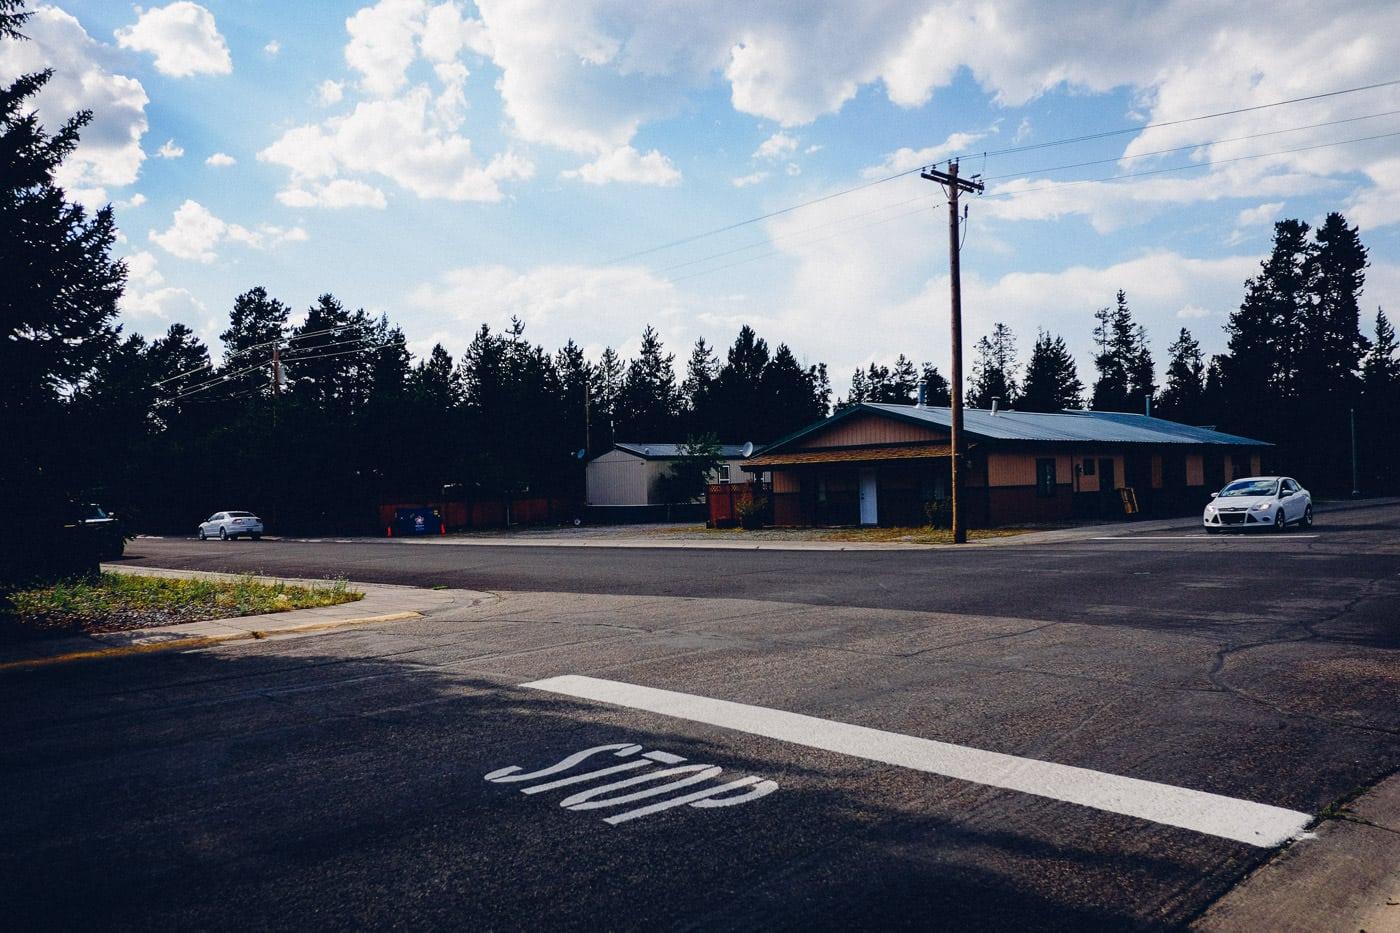 recensione XF18 f2 lucarossi fotografo 00201